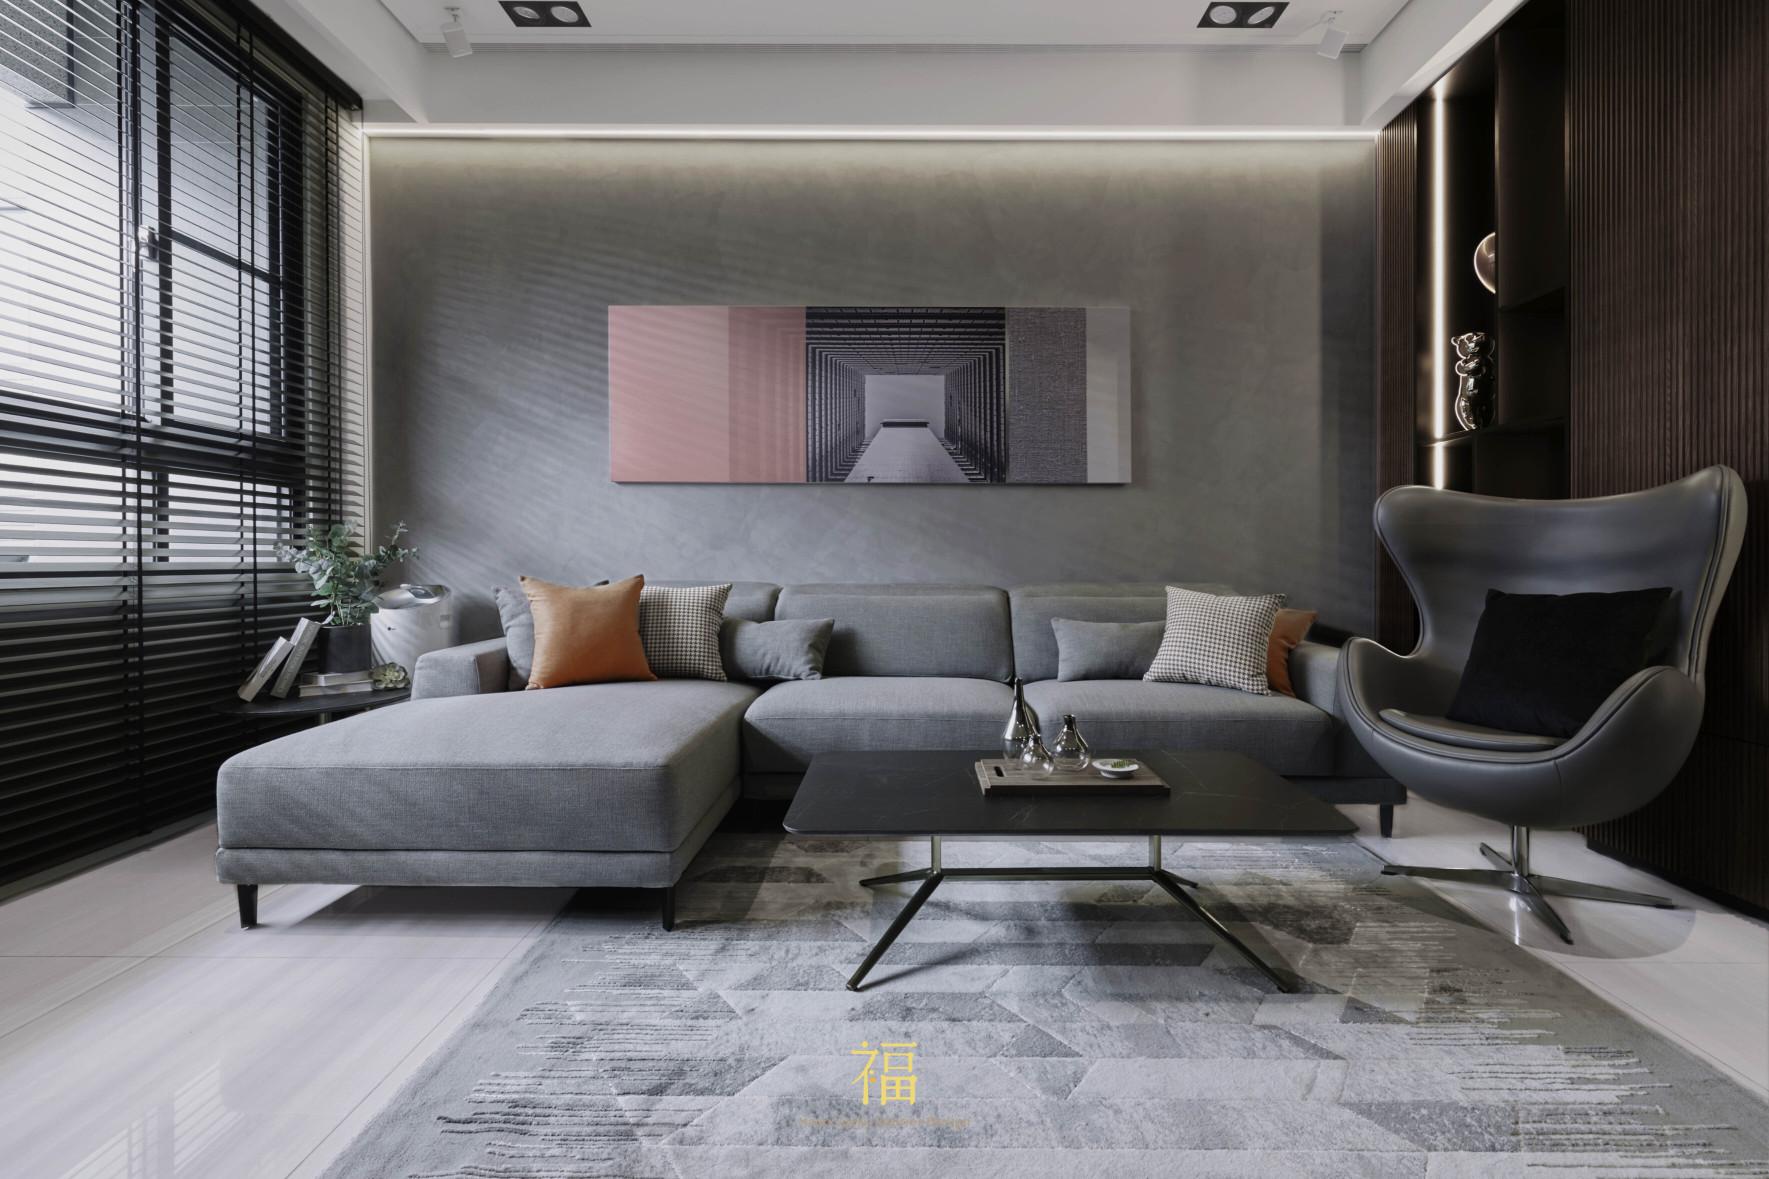 福宅雅居|客廳沙發擺飾|嘉義住宅空間設計